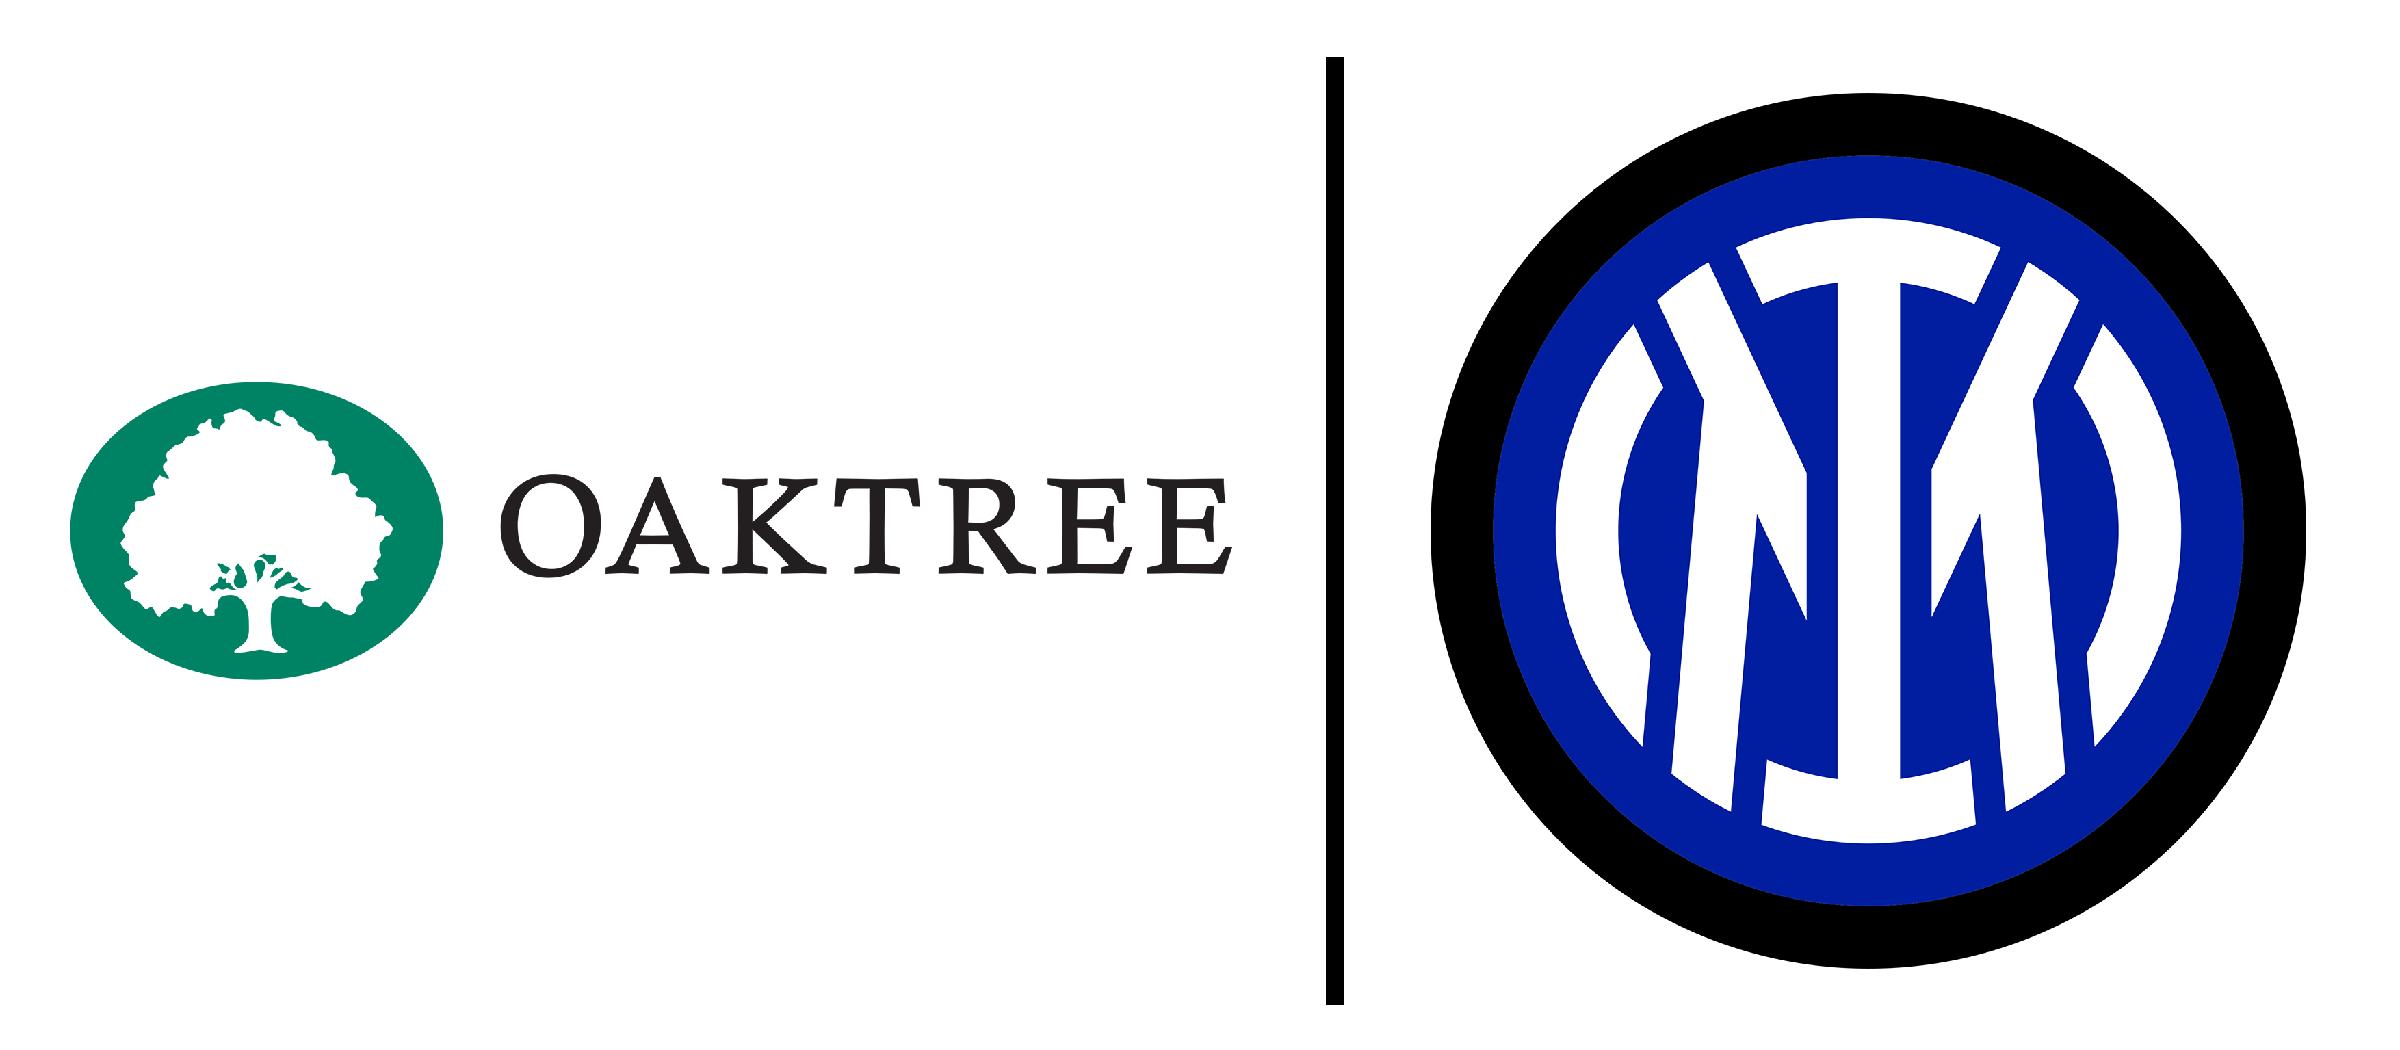 Ilustrasi logo Inter Milan dan Oaktree, diedit oleh RK Awan. Sumber gambar-gambar: wikimedia.org